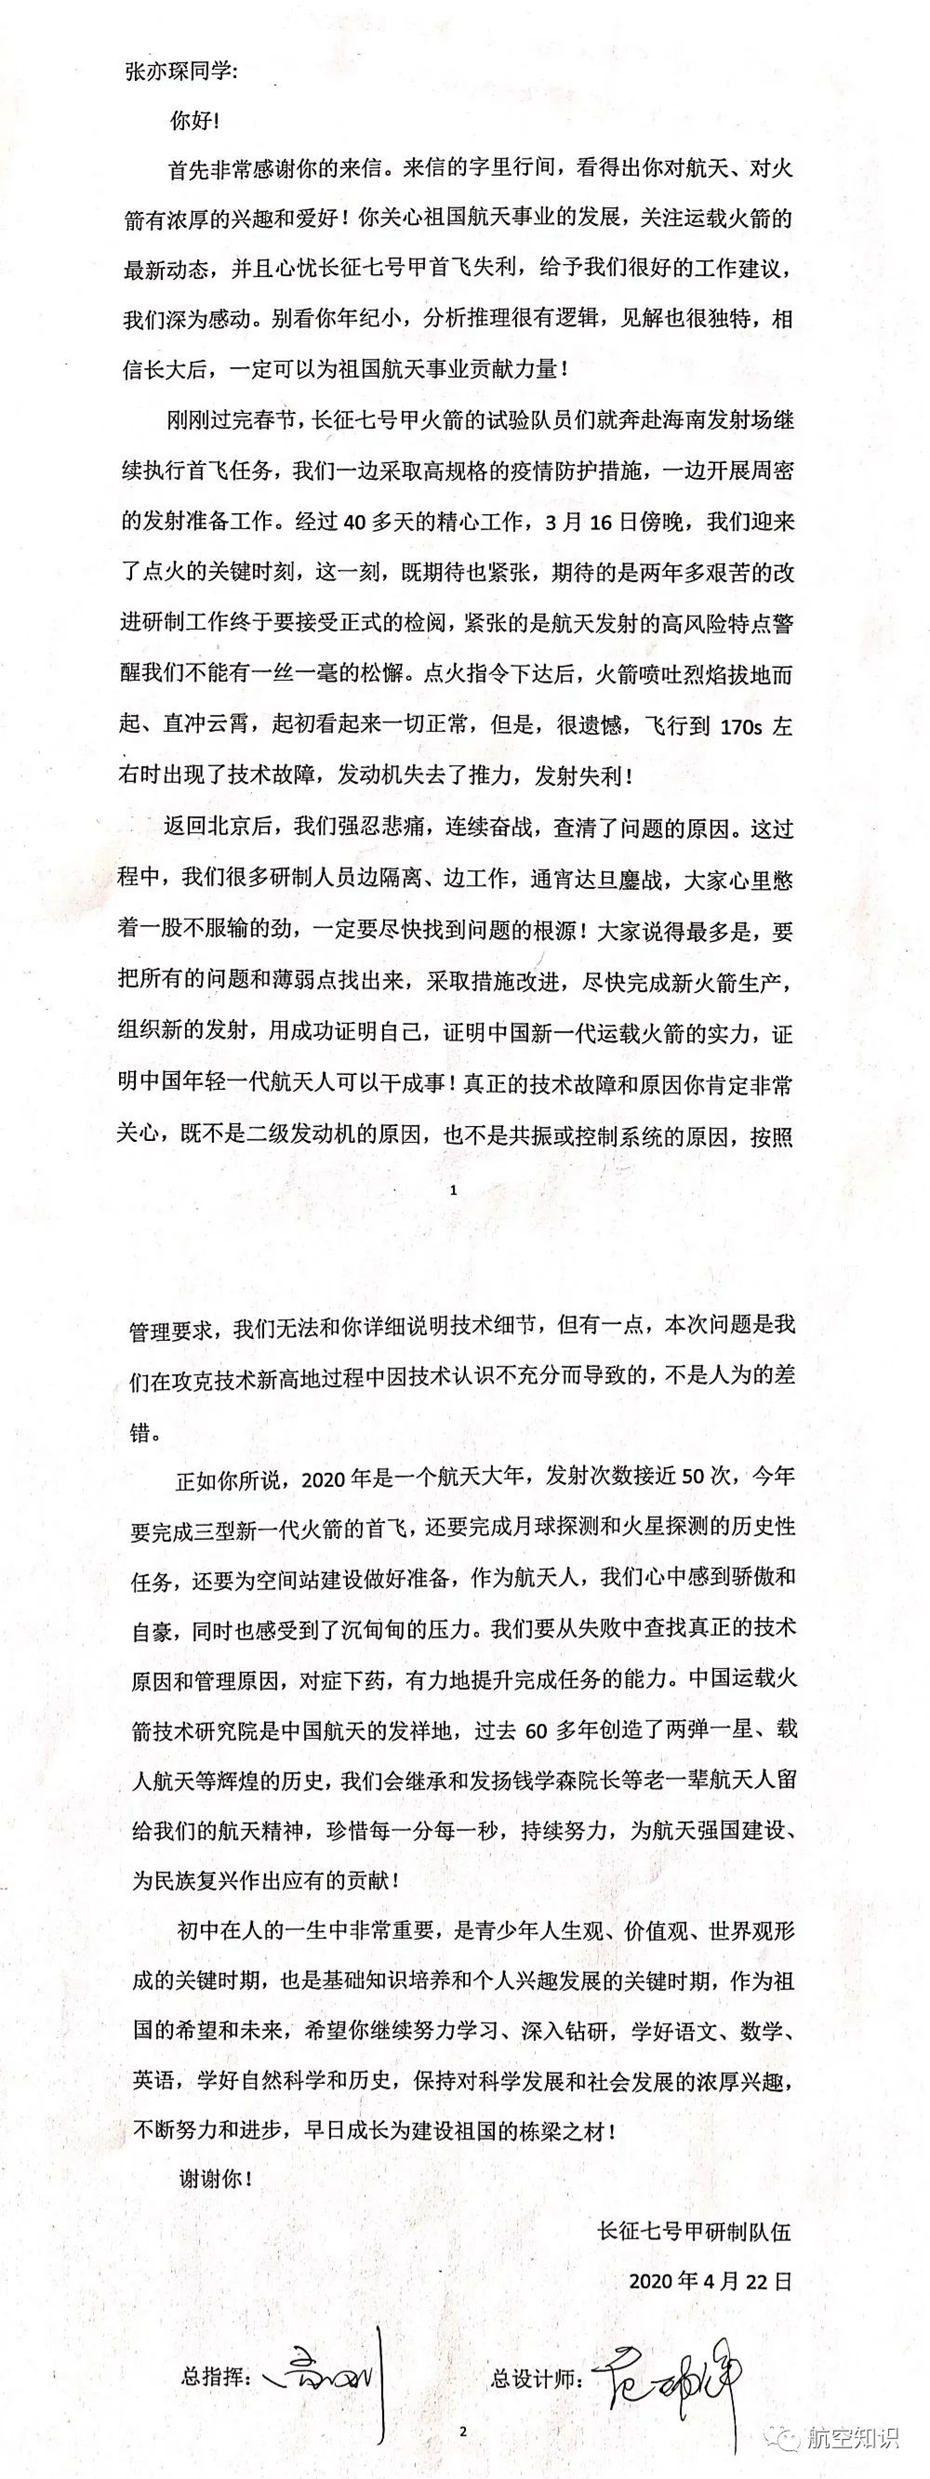 火箭发射失利后,初中生给科研人员写了一封信……